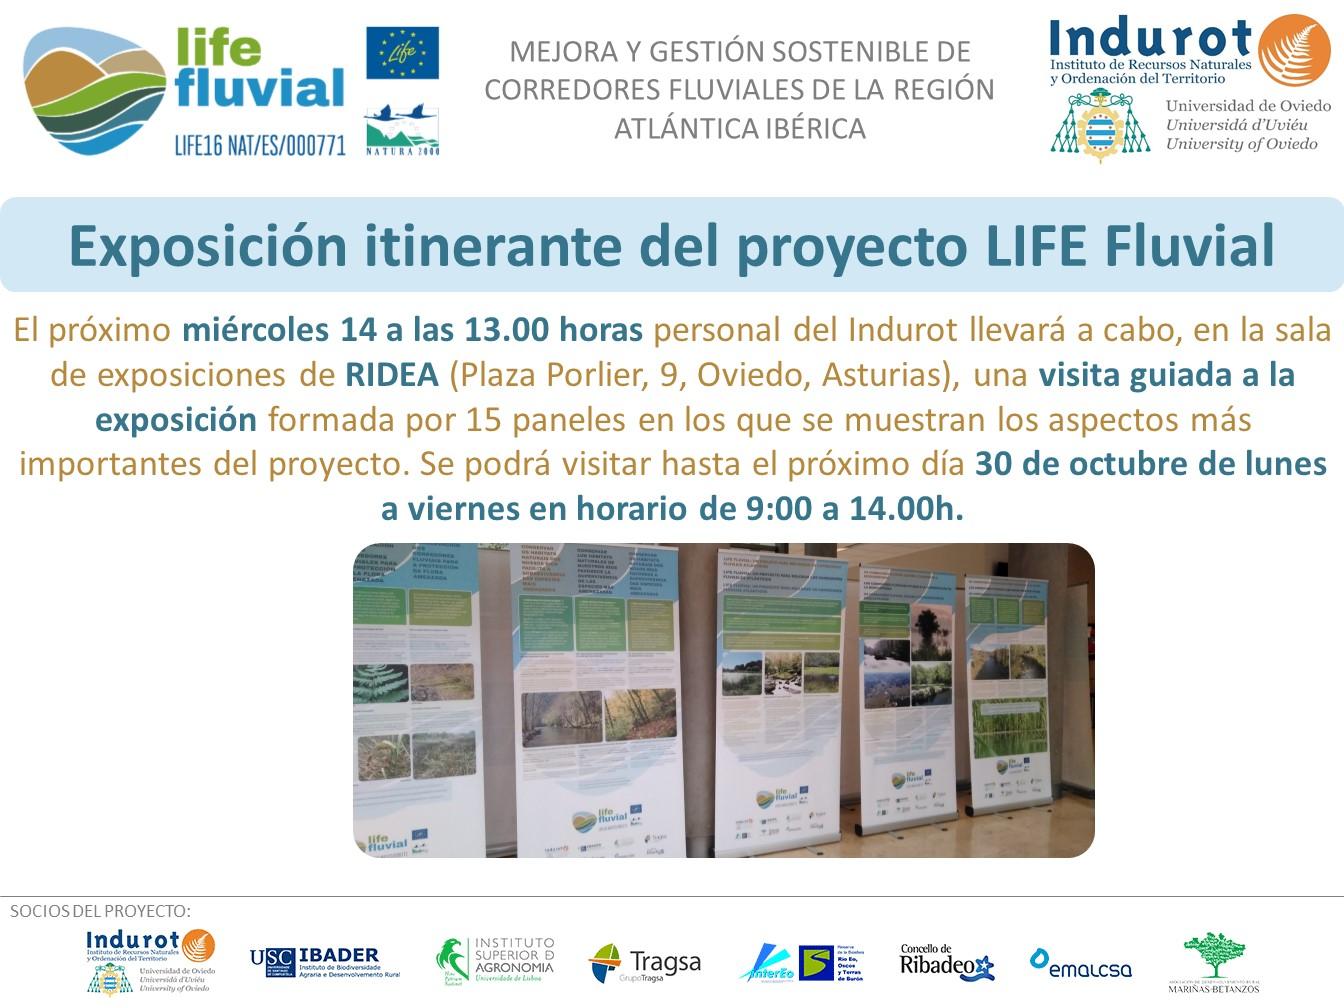 Exposición itinerante del LIFE Fluvial en el RIDEA (Oviedo)